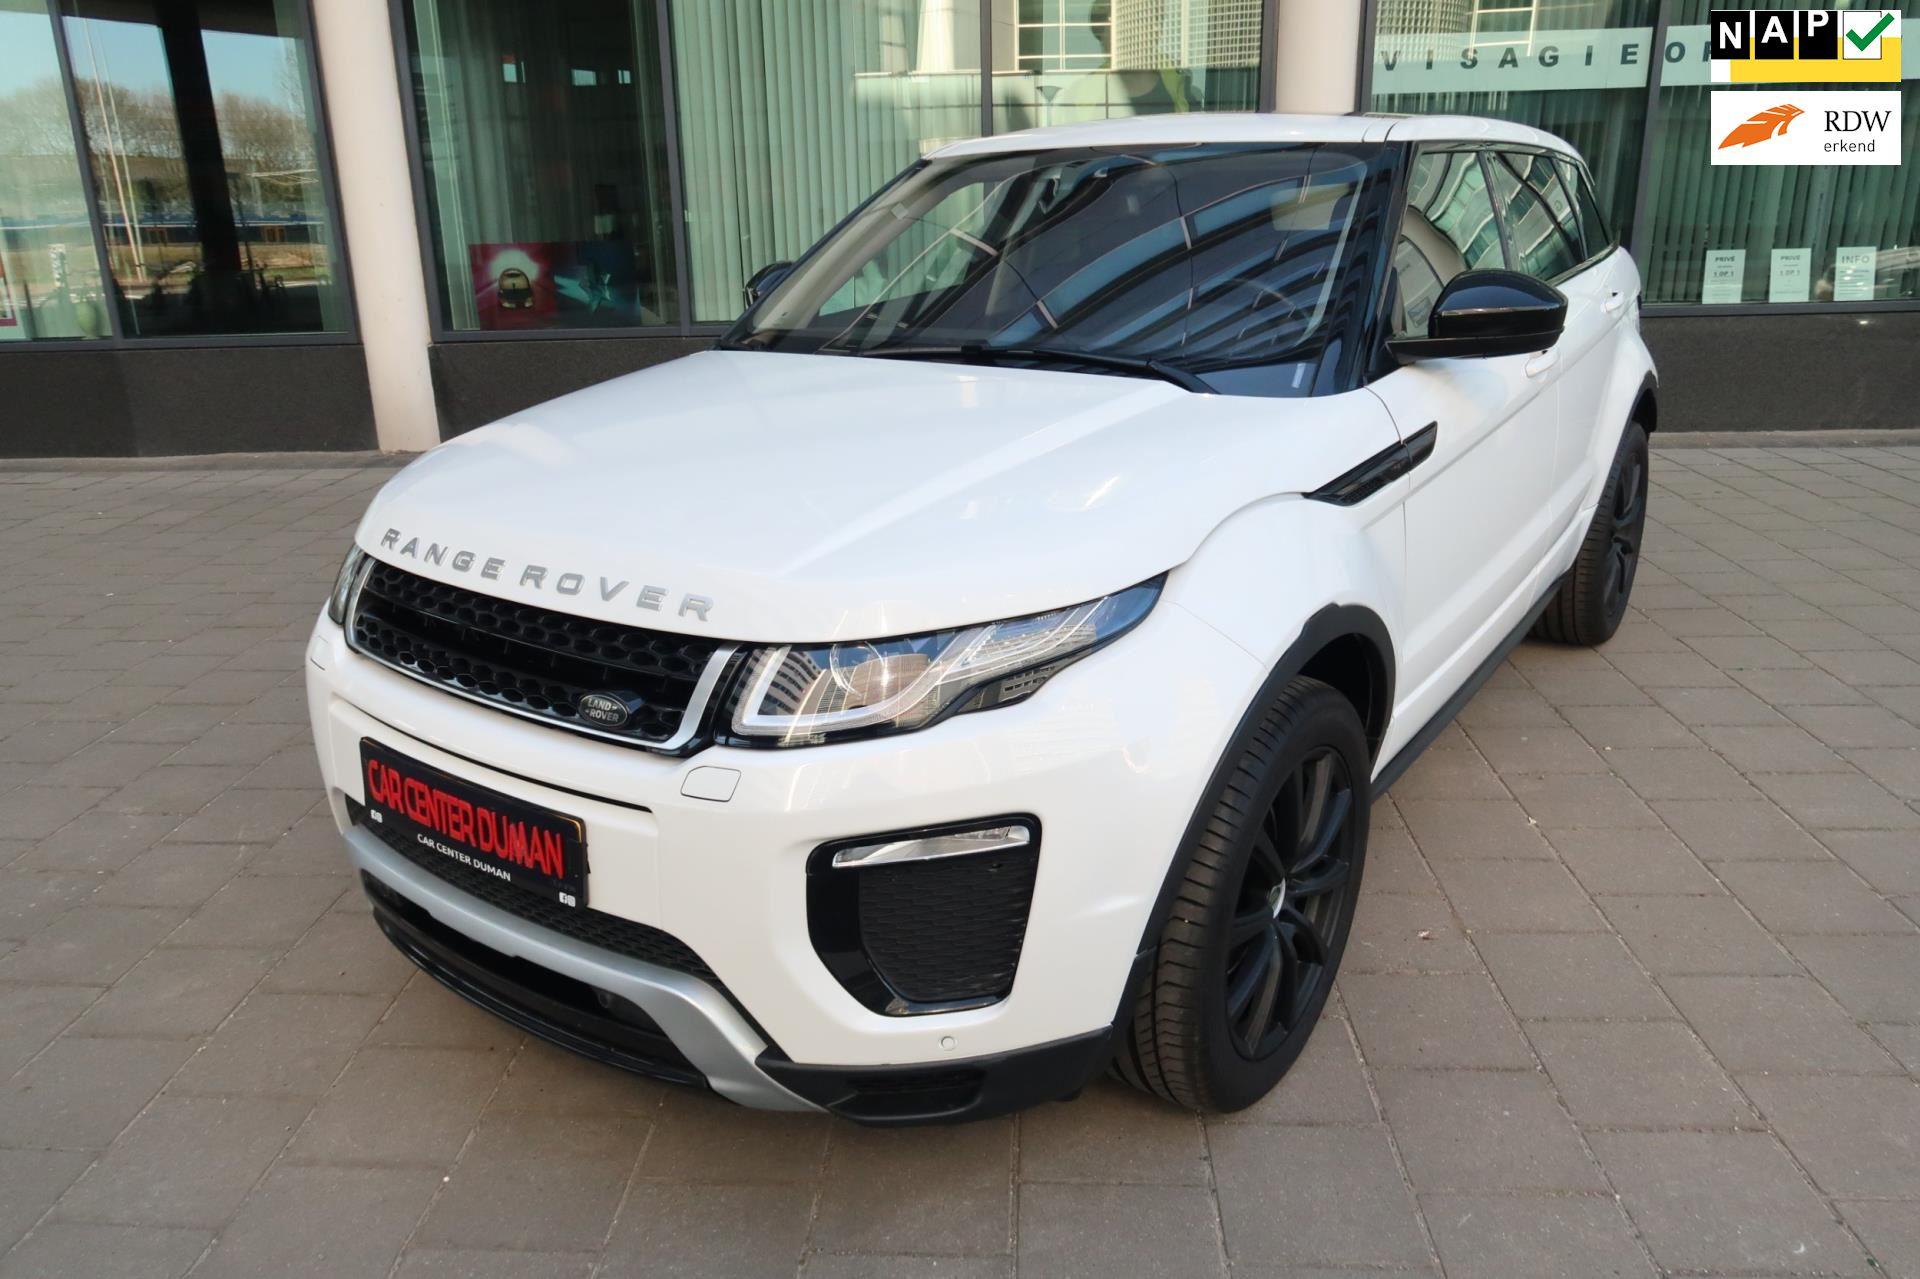 Land Rover Range Rover Evoque occasion - Car Center S. Duman